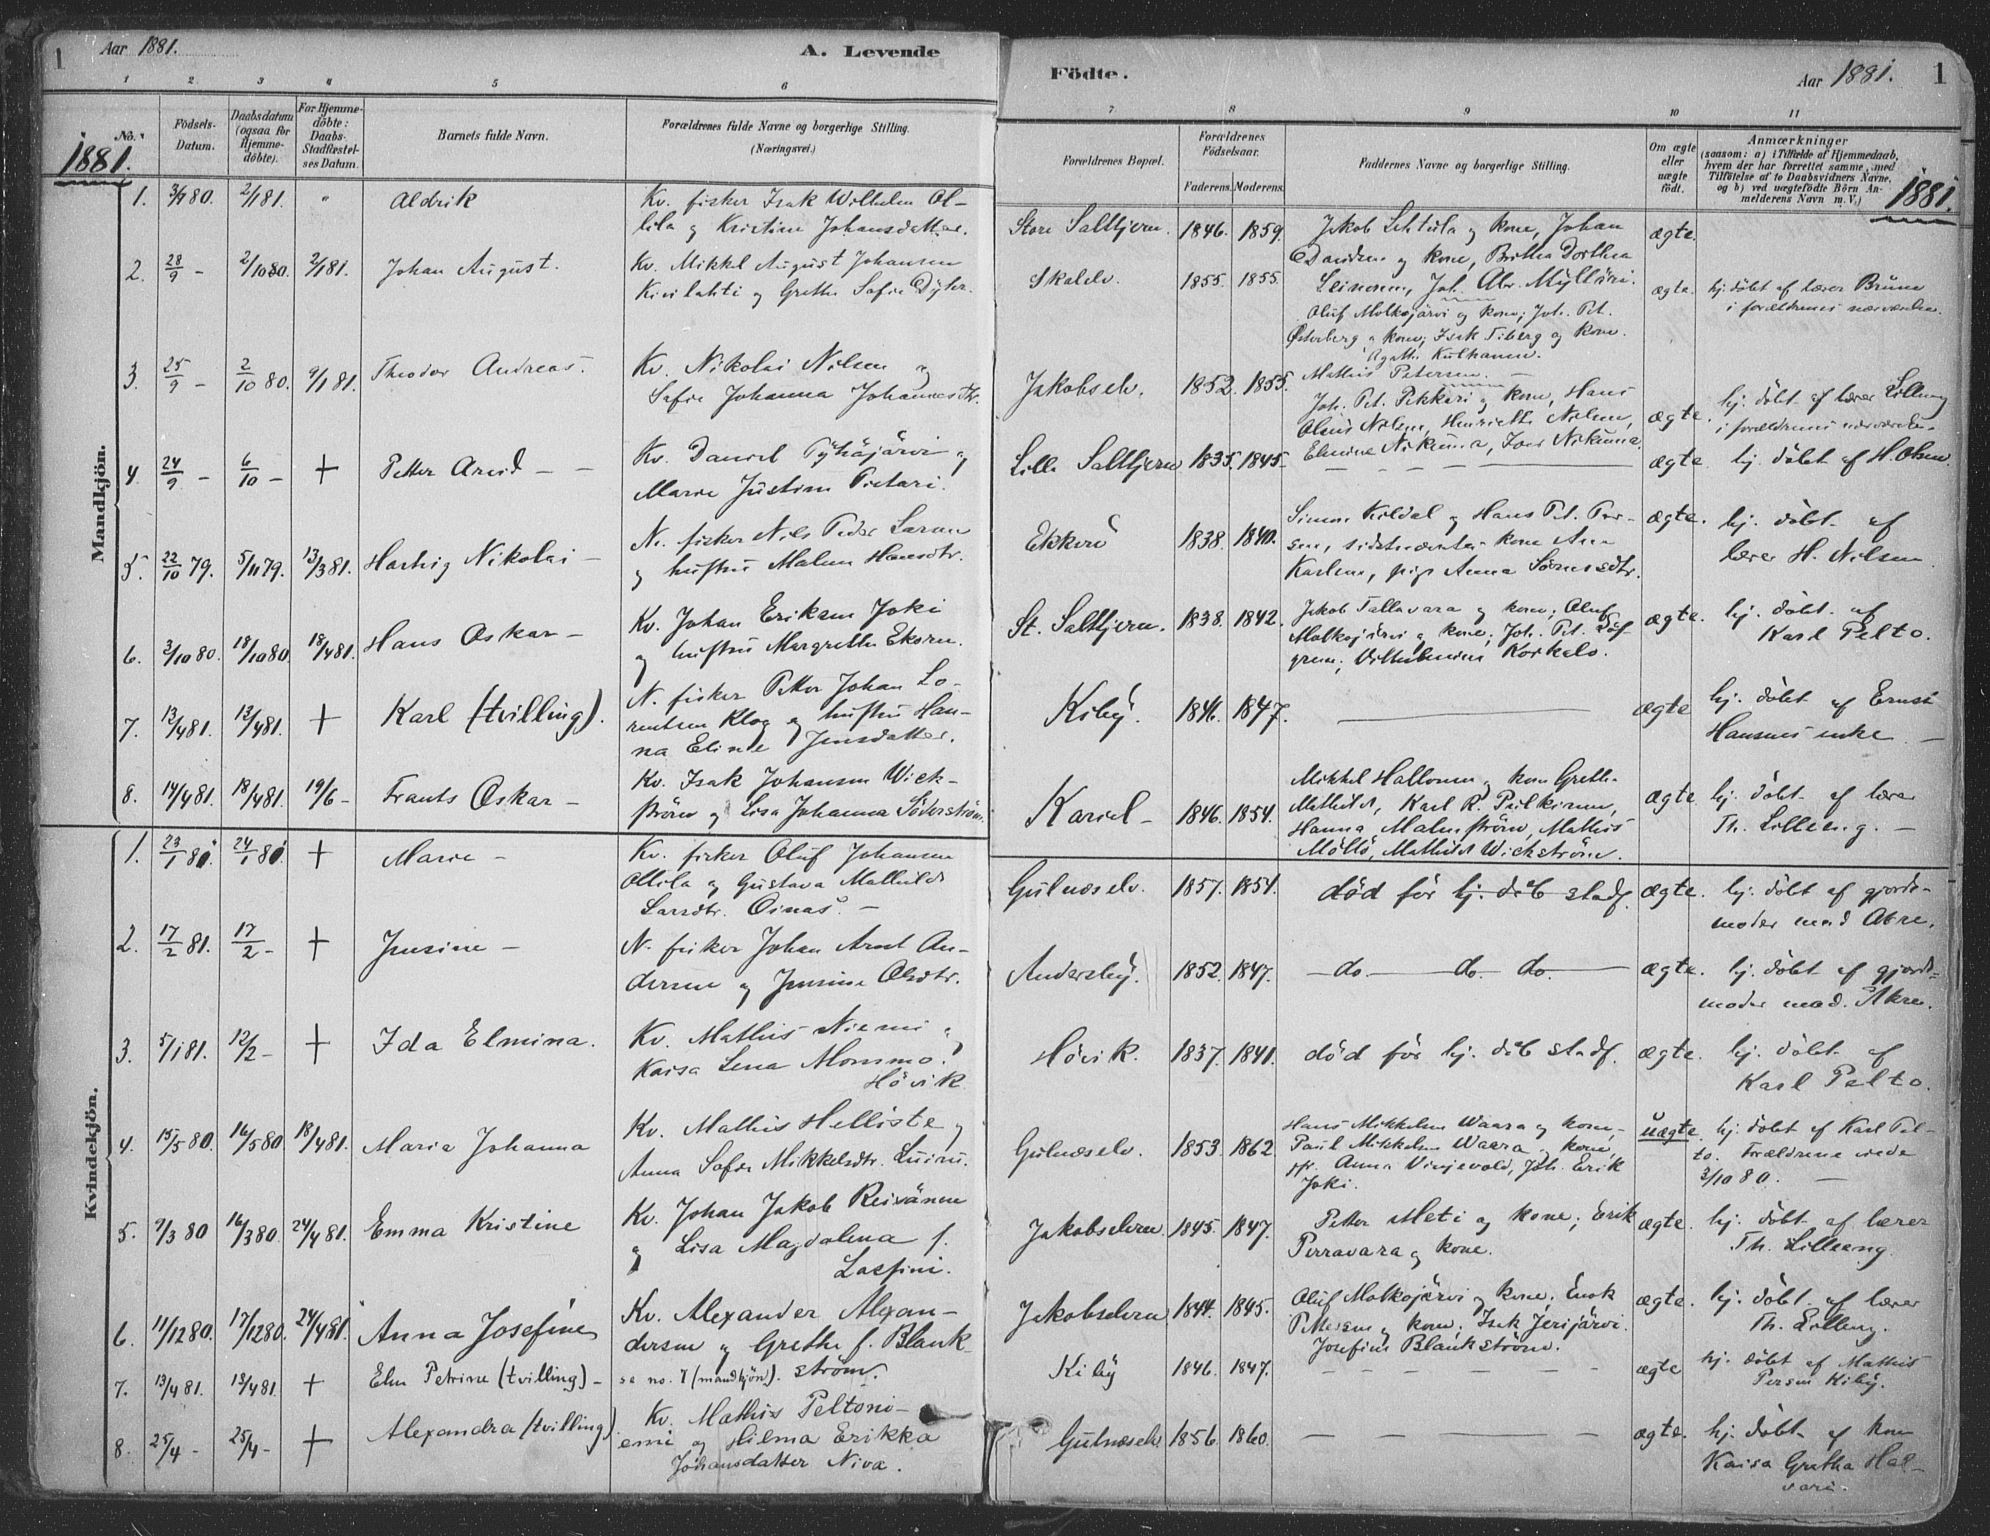 SATØ, Vadsø sokneprestkontor, H/Ha/L0009kirke: Ministerialbok nr. 9, 1881-1917, s. 1